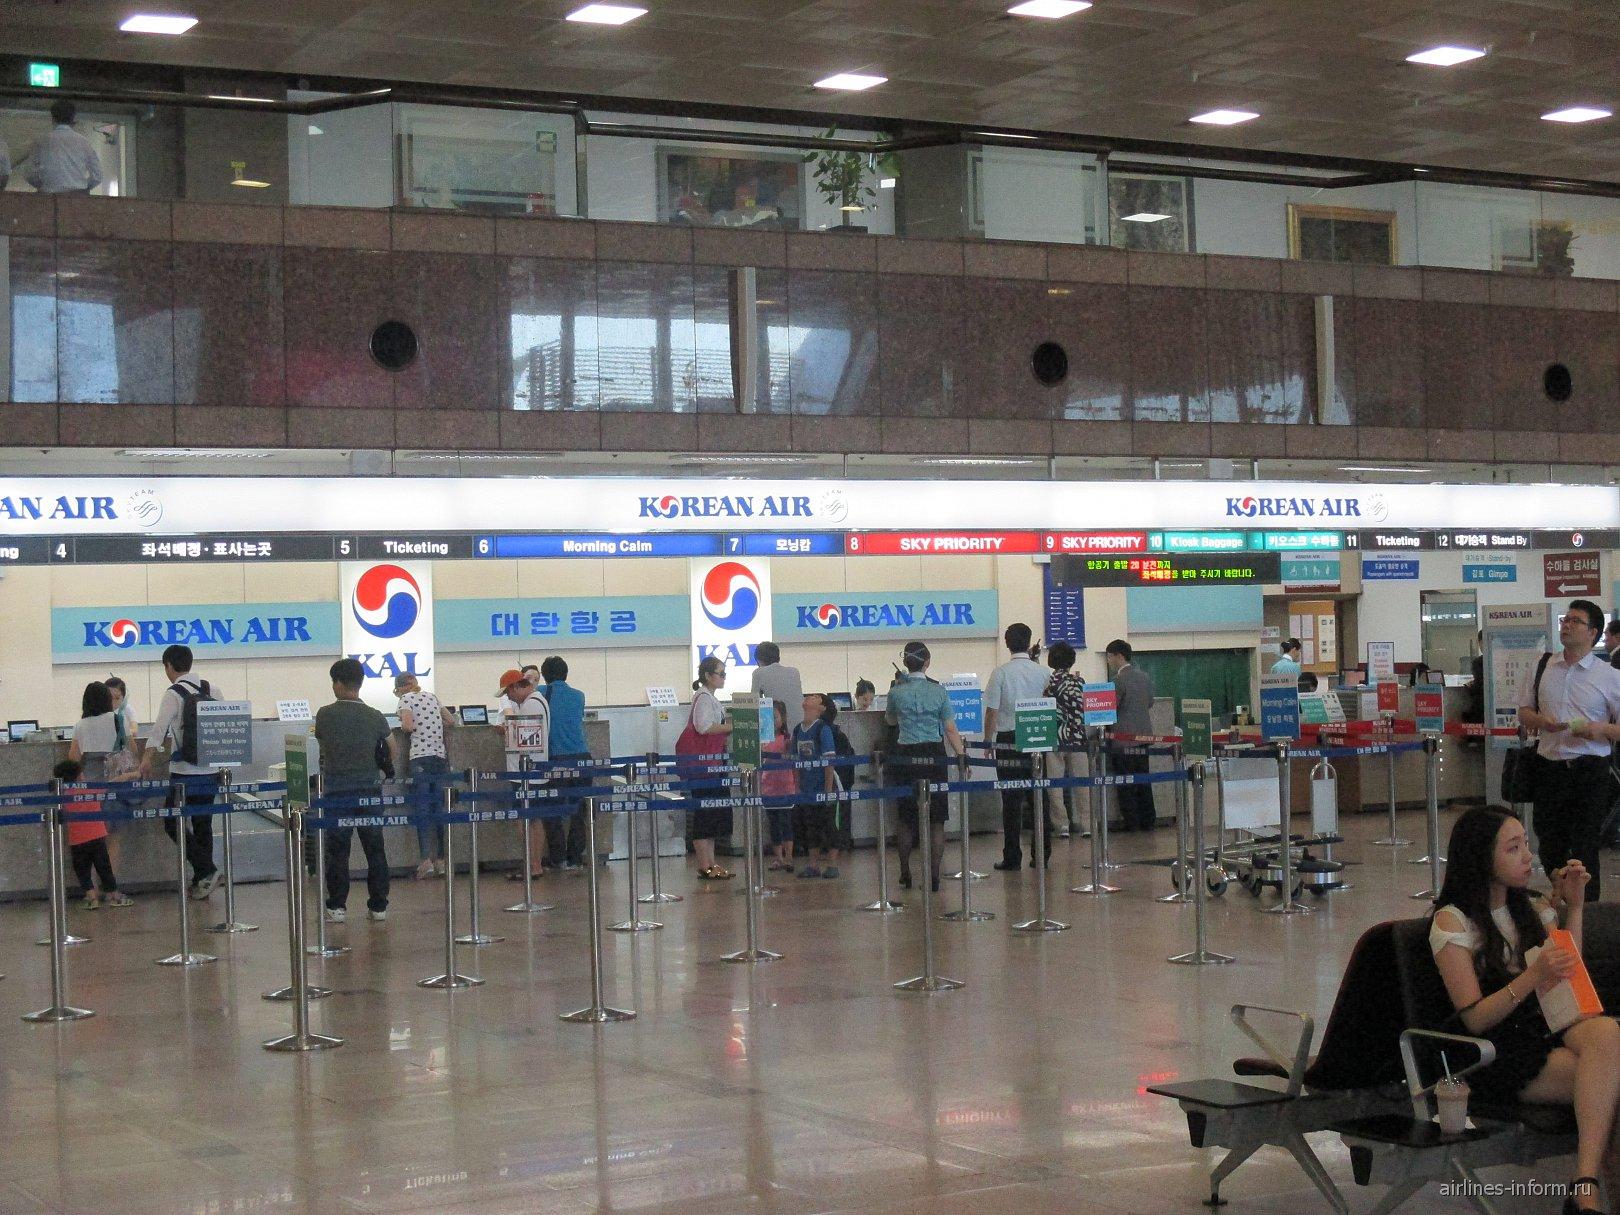 Стойки регистрации на внутренние рейсы Korean Air в аэропорту Пусан Гимхэ